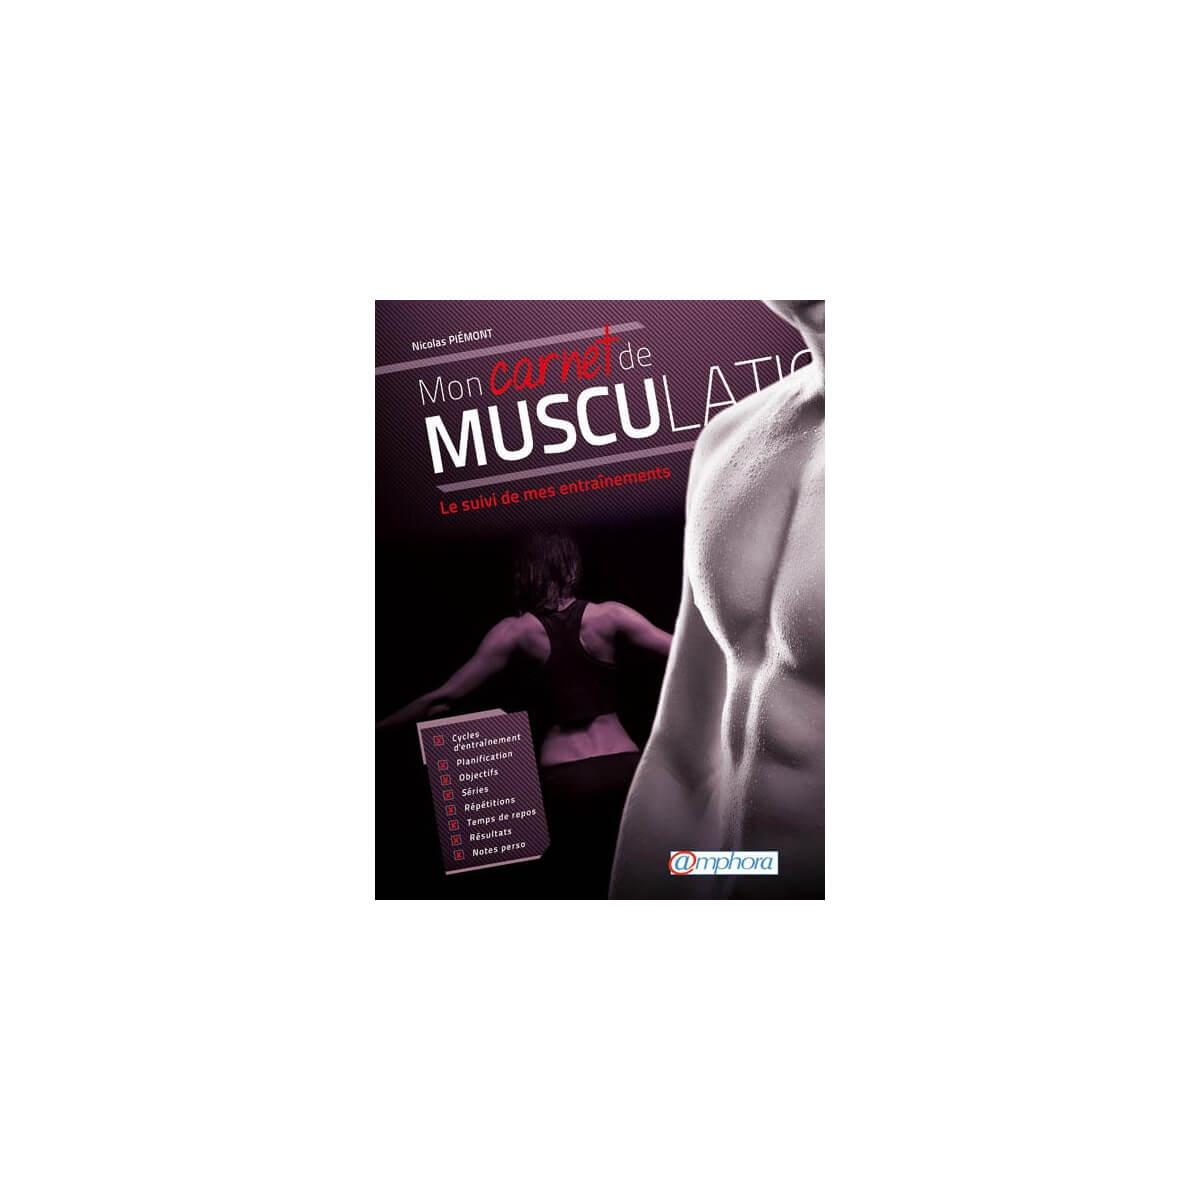 Mon Carnet de Musculation